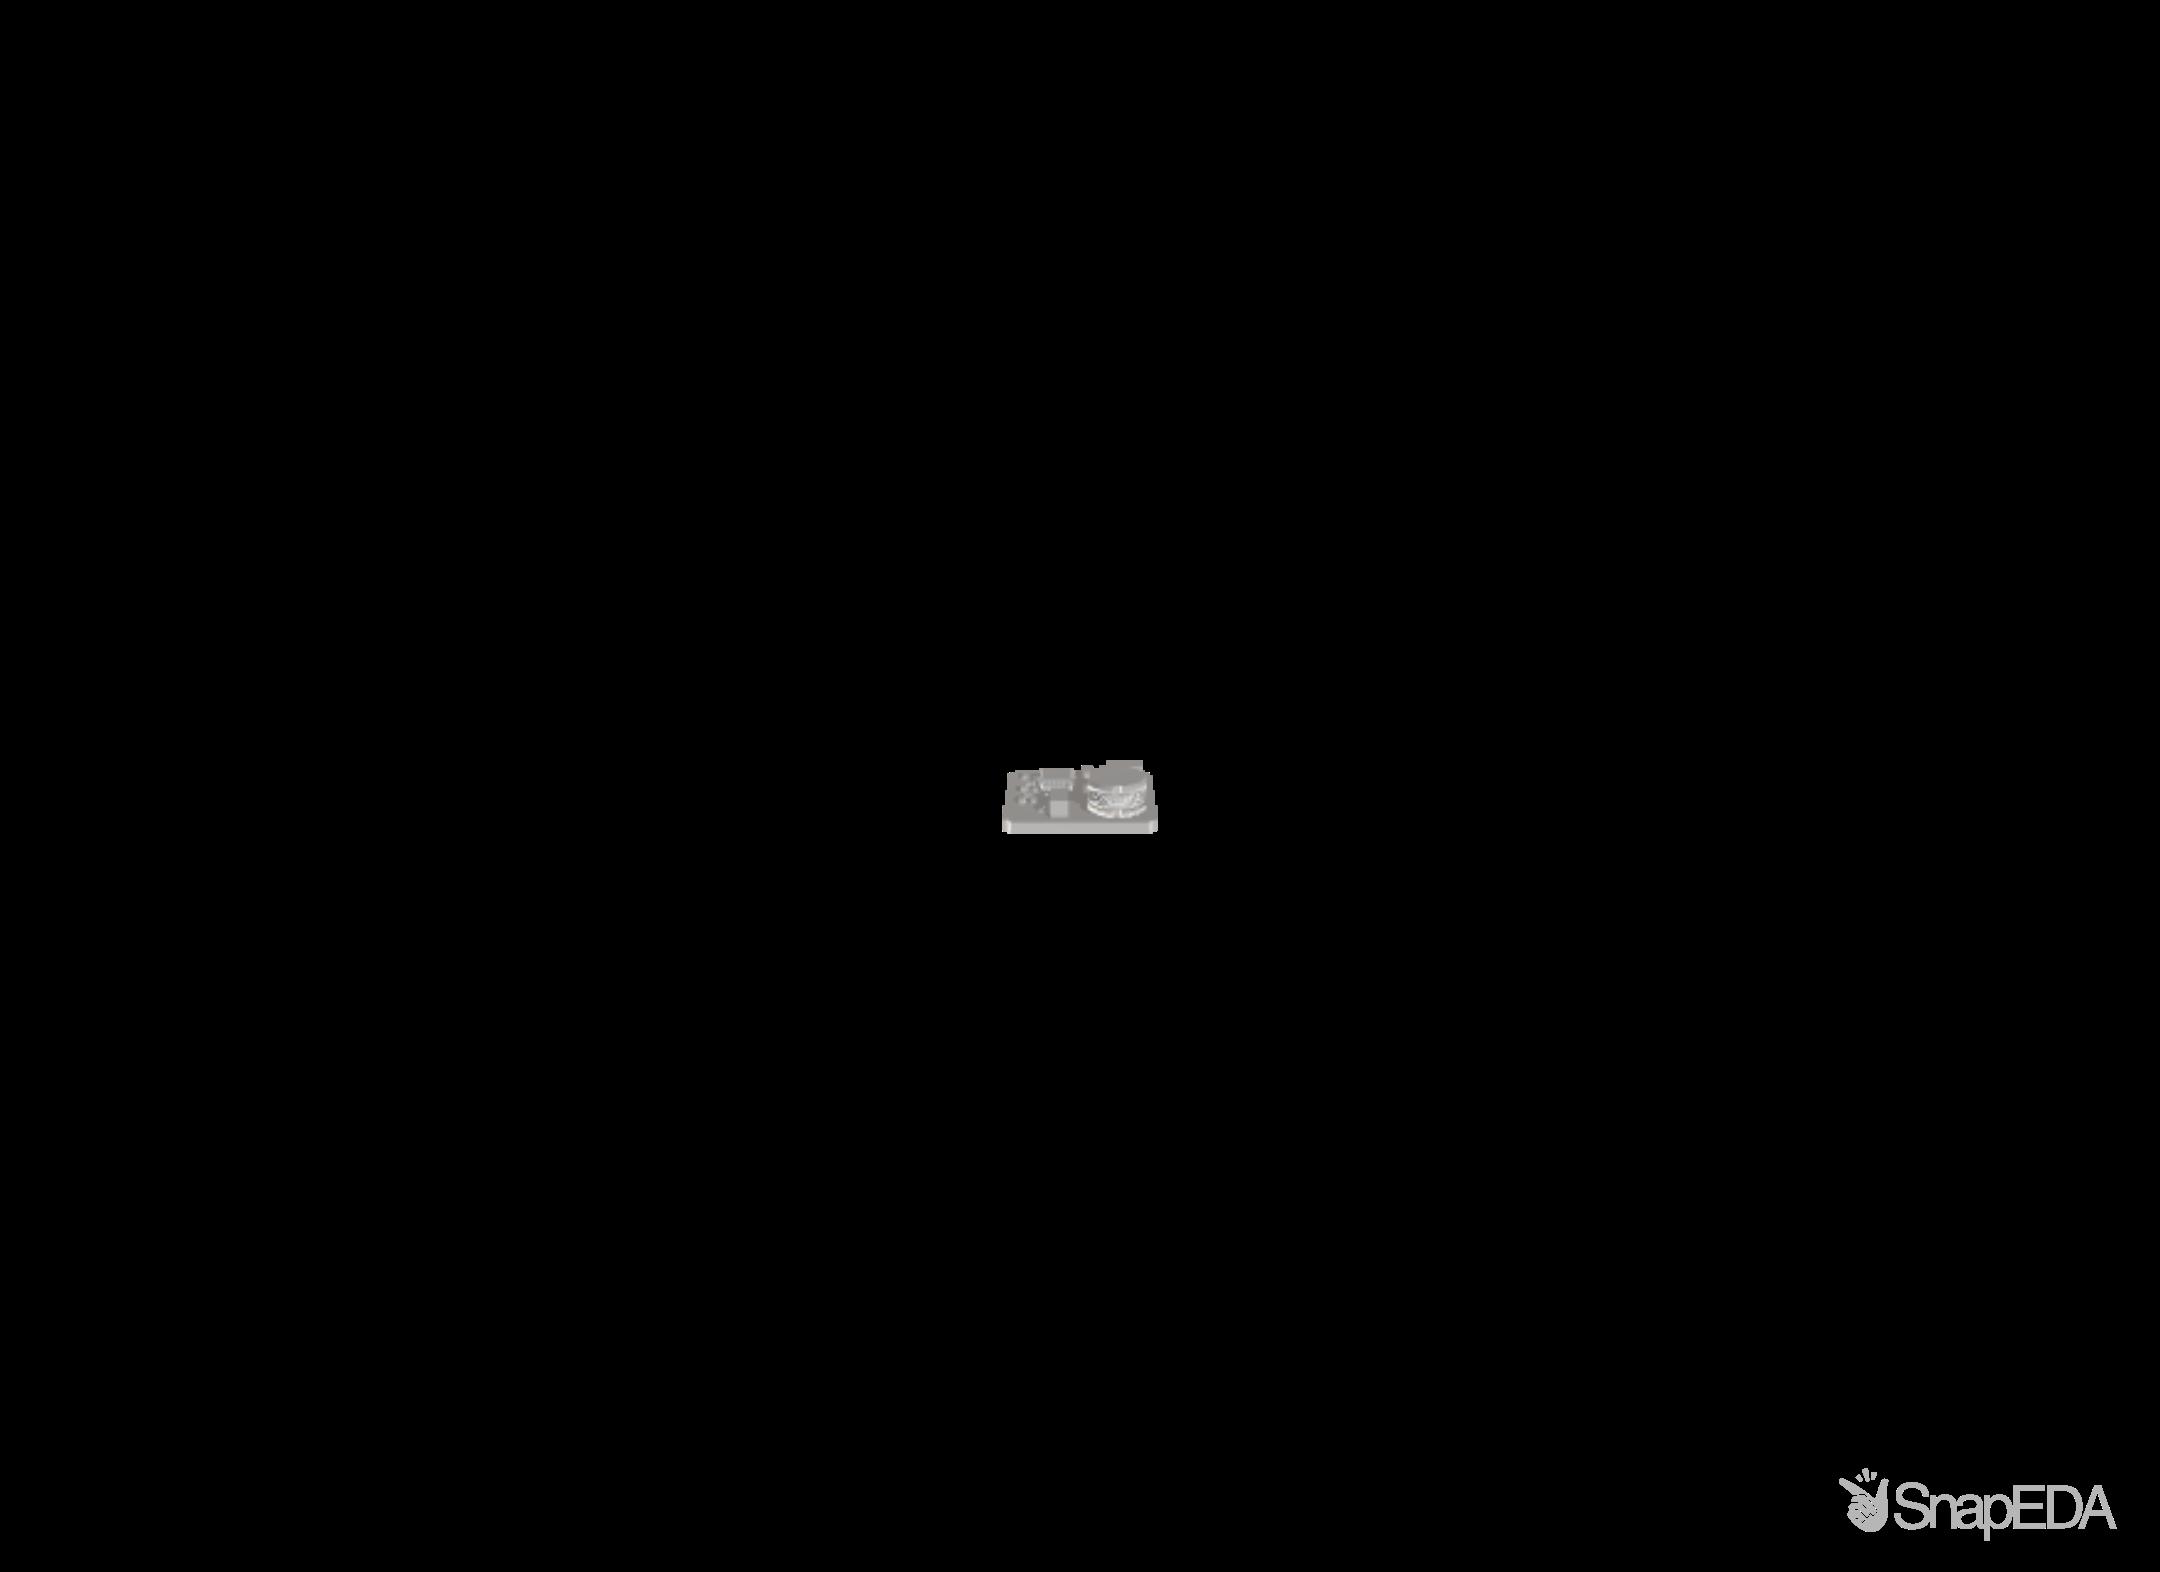 ROF-78E5.0-0.5SMD-R 3D Model